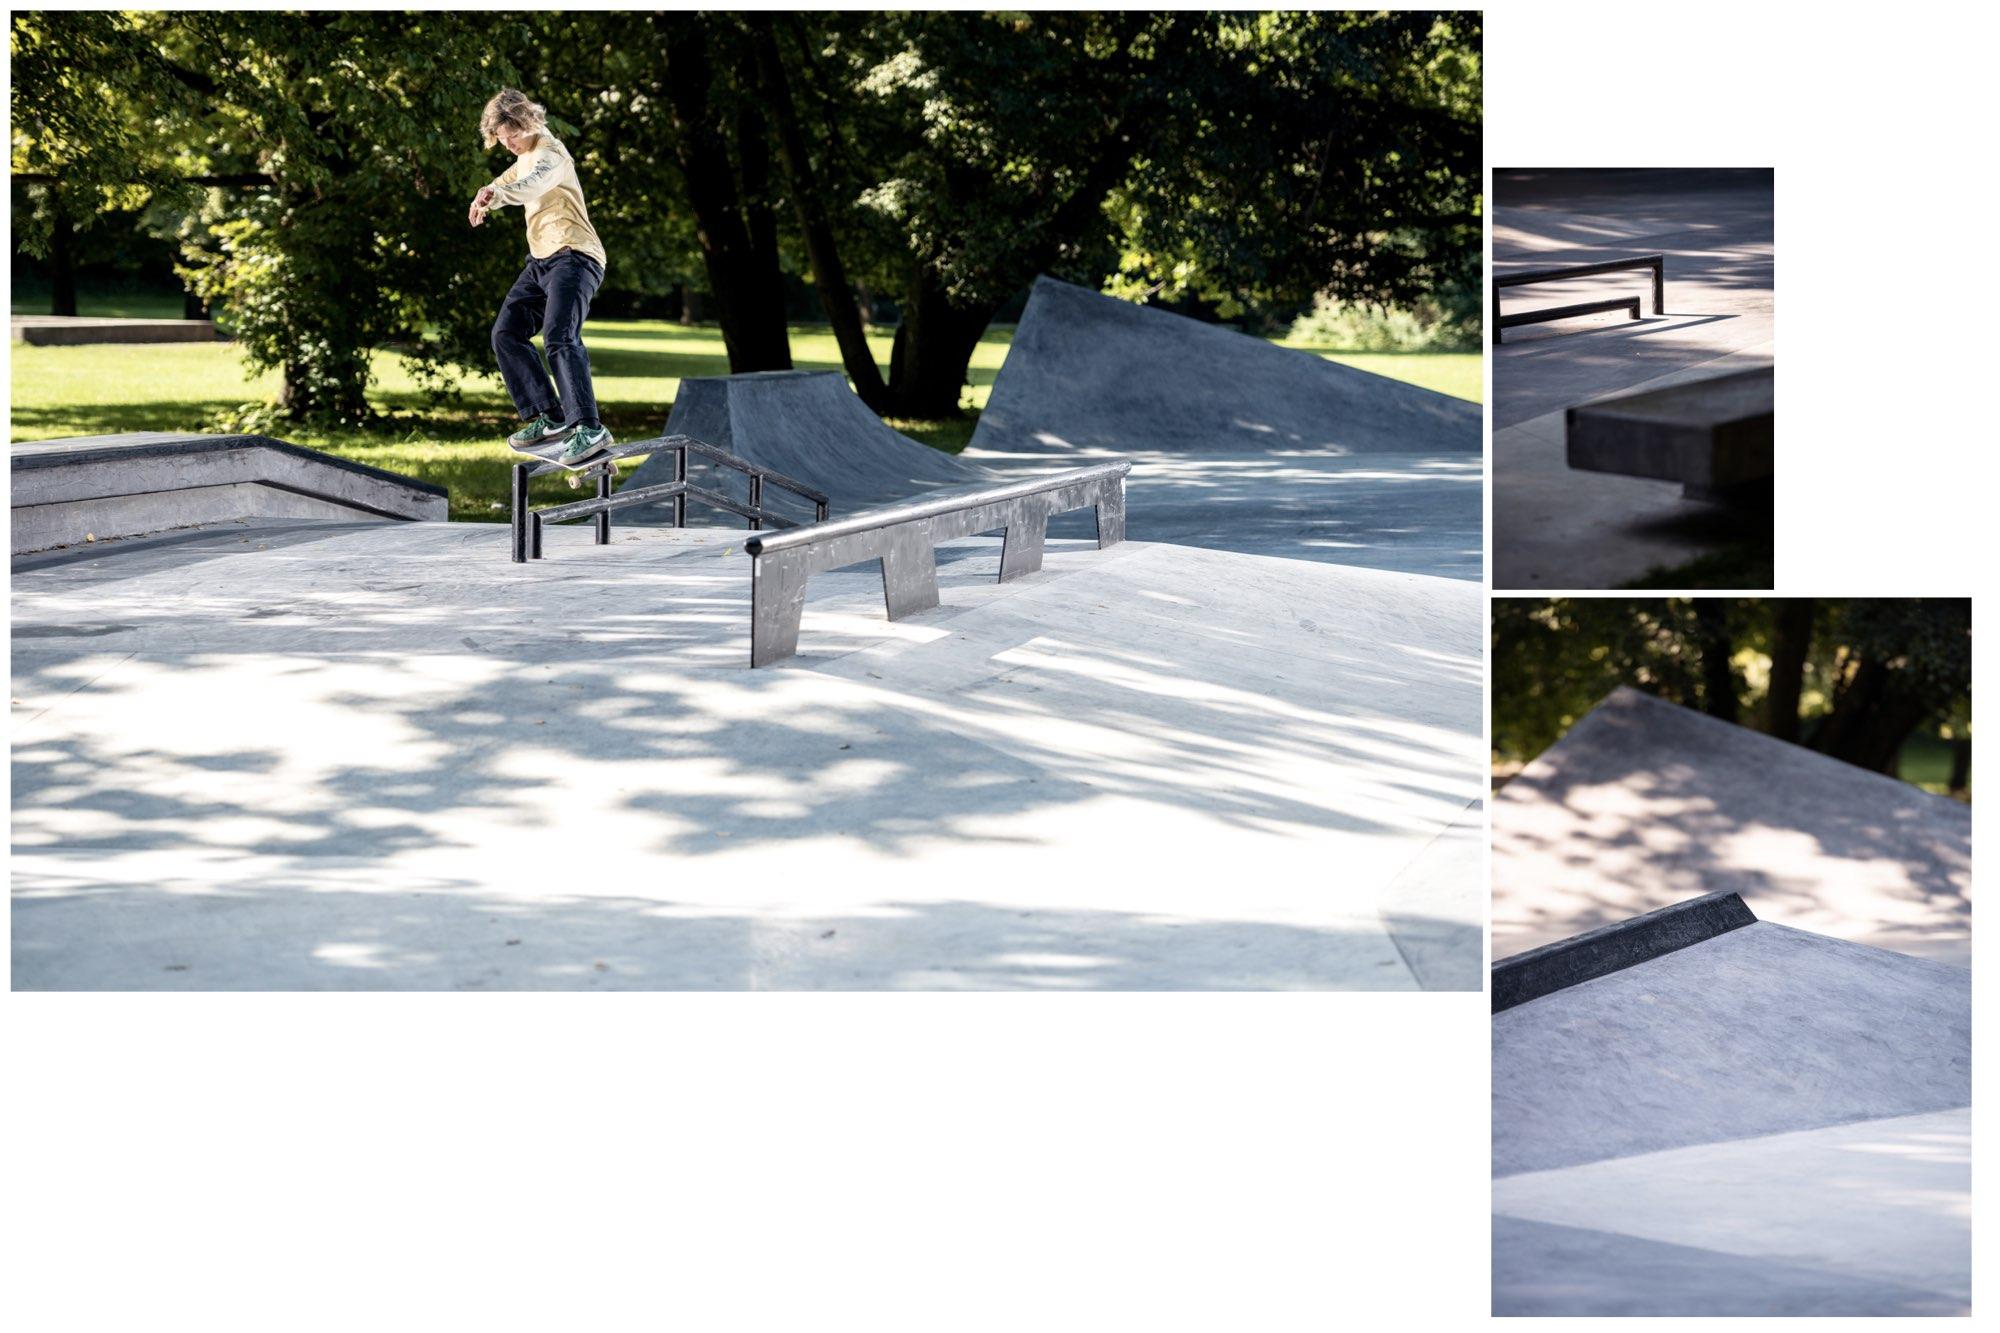 lndskt_skatepark_planung_hirschgarten_muenchen_lea_schairer_2